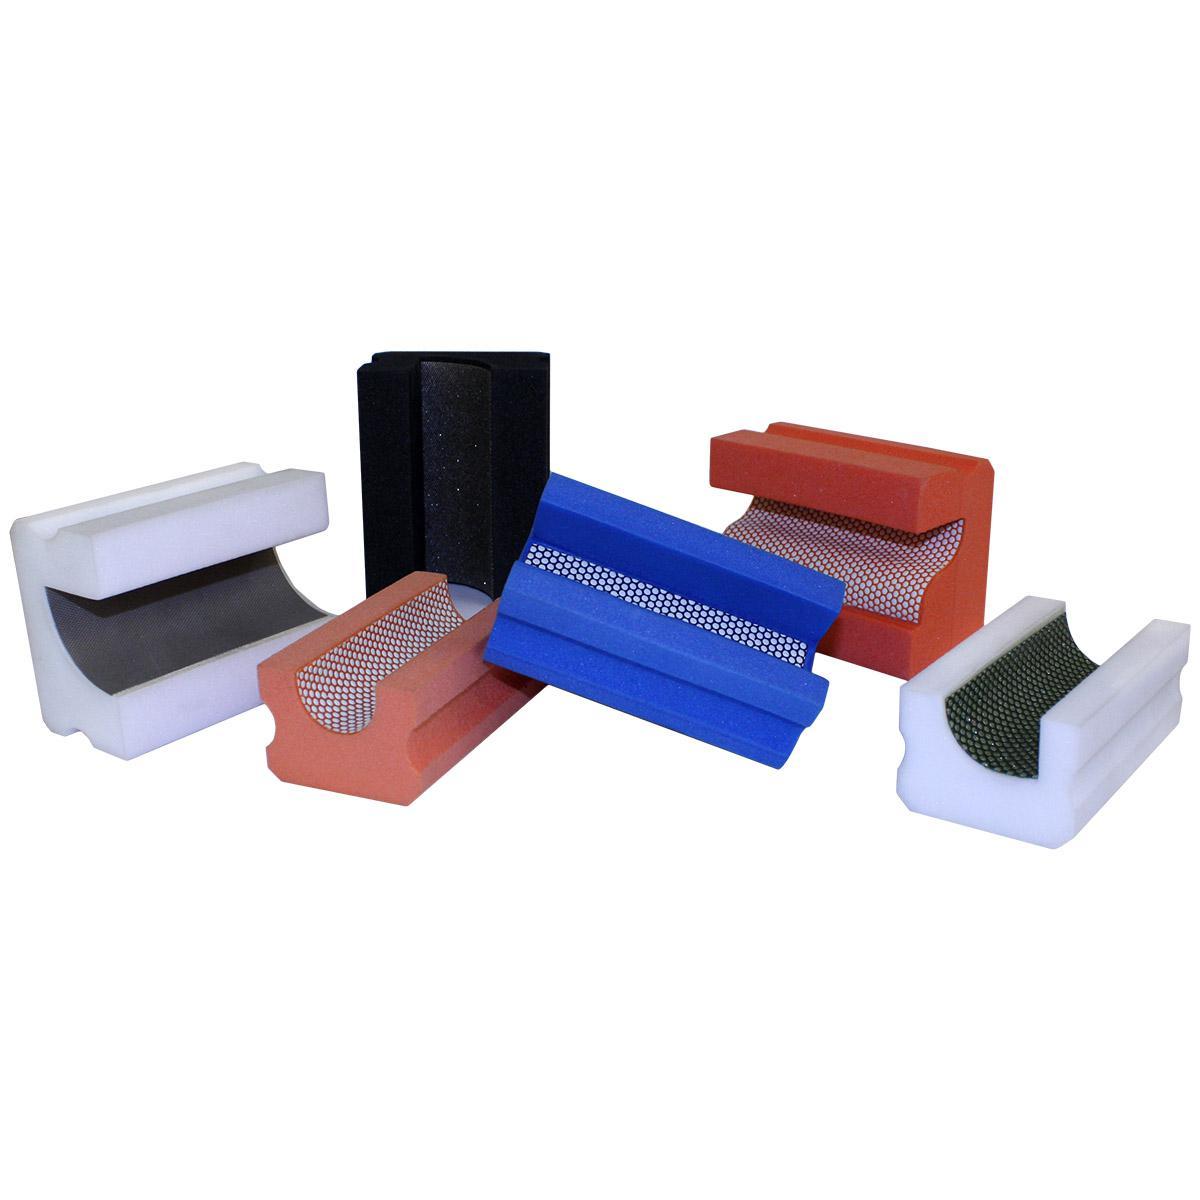 Затир ручной (профиль V) h-30 мм, зерно 1000 (синяя, полимер)